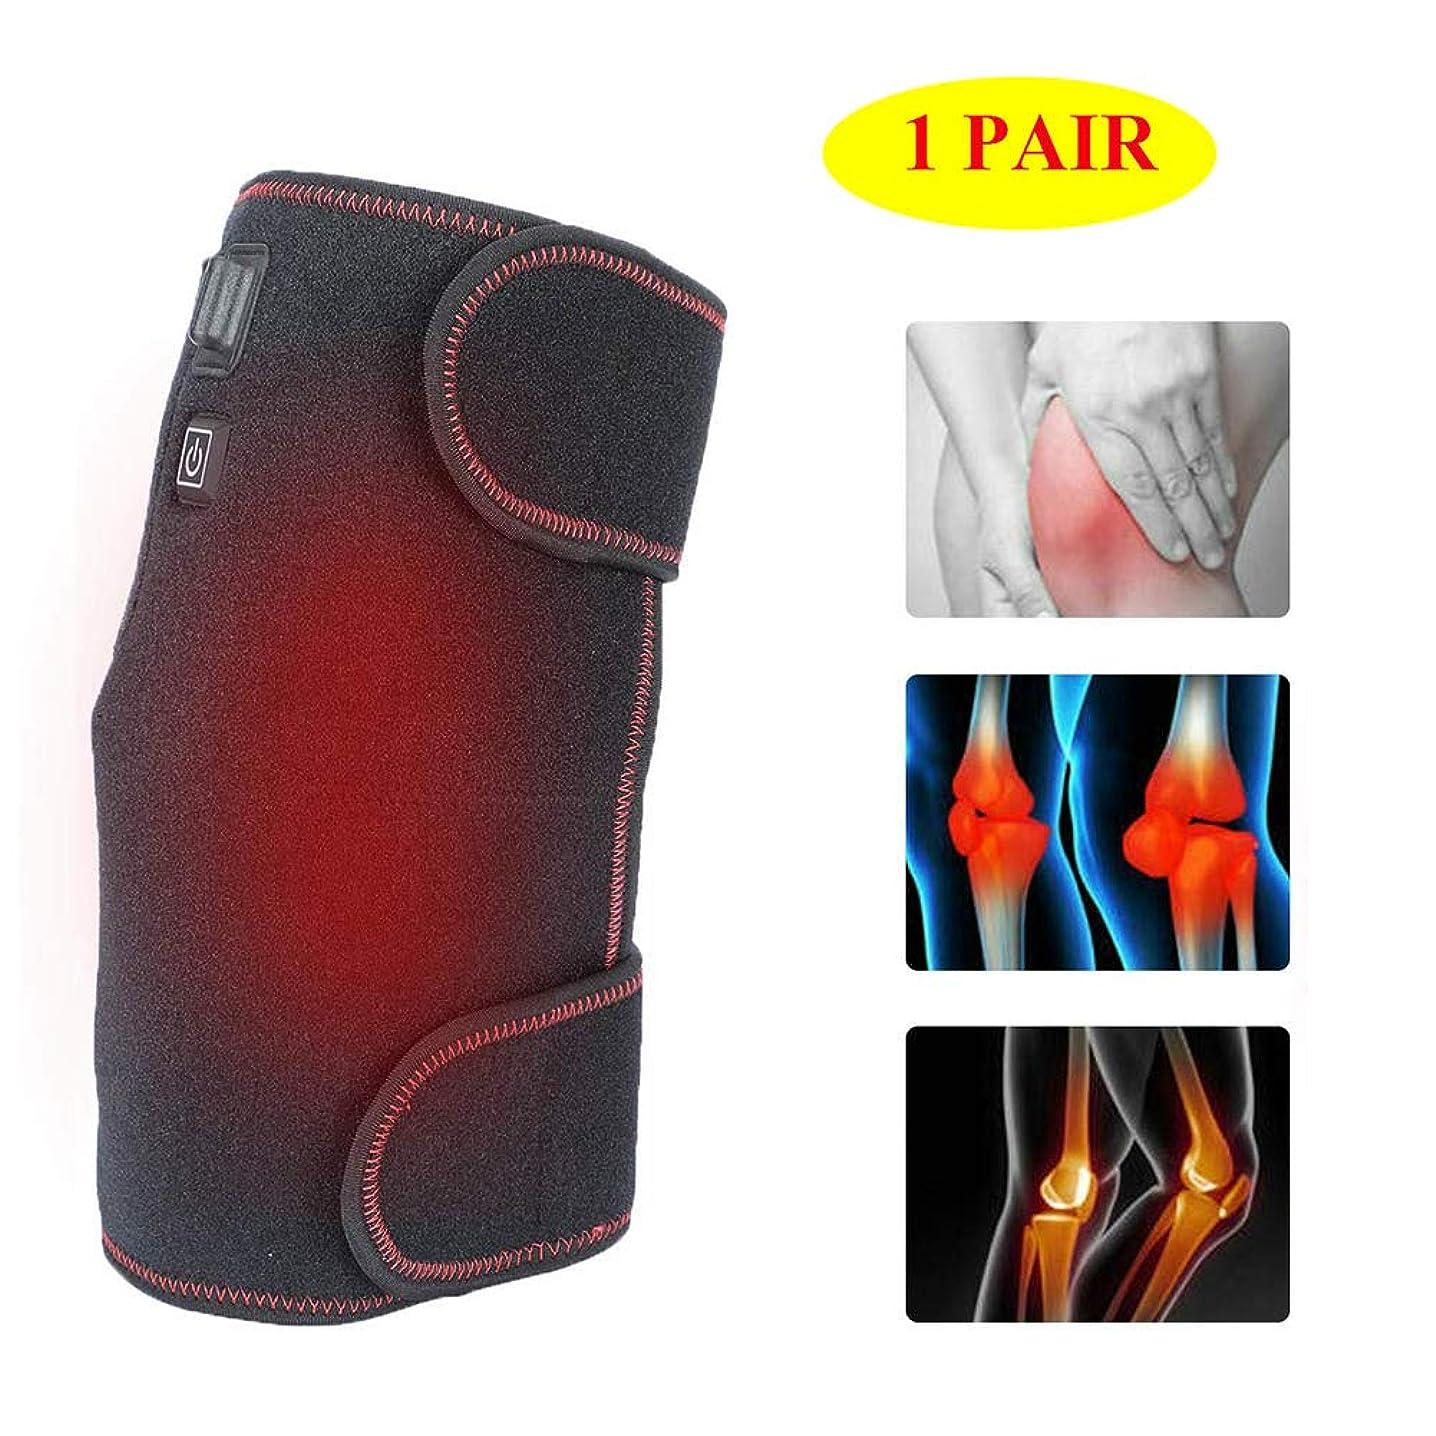 おかしい自治学士加熱膝ブレースサポート1ペア - USB充電式膝暖かいラップ加熱パッド - 療法ホット圧縮3ファイル温度で膝の傷害